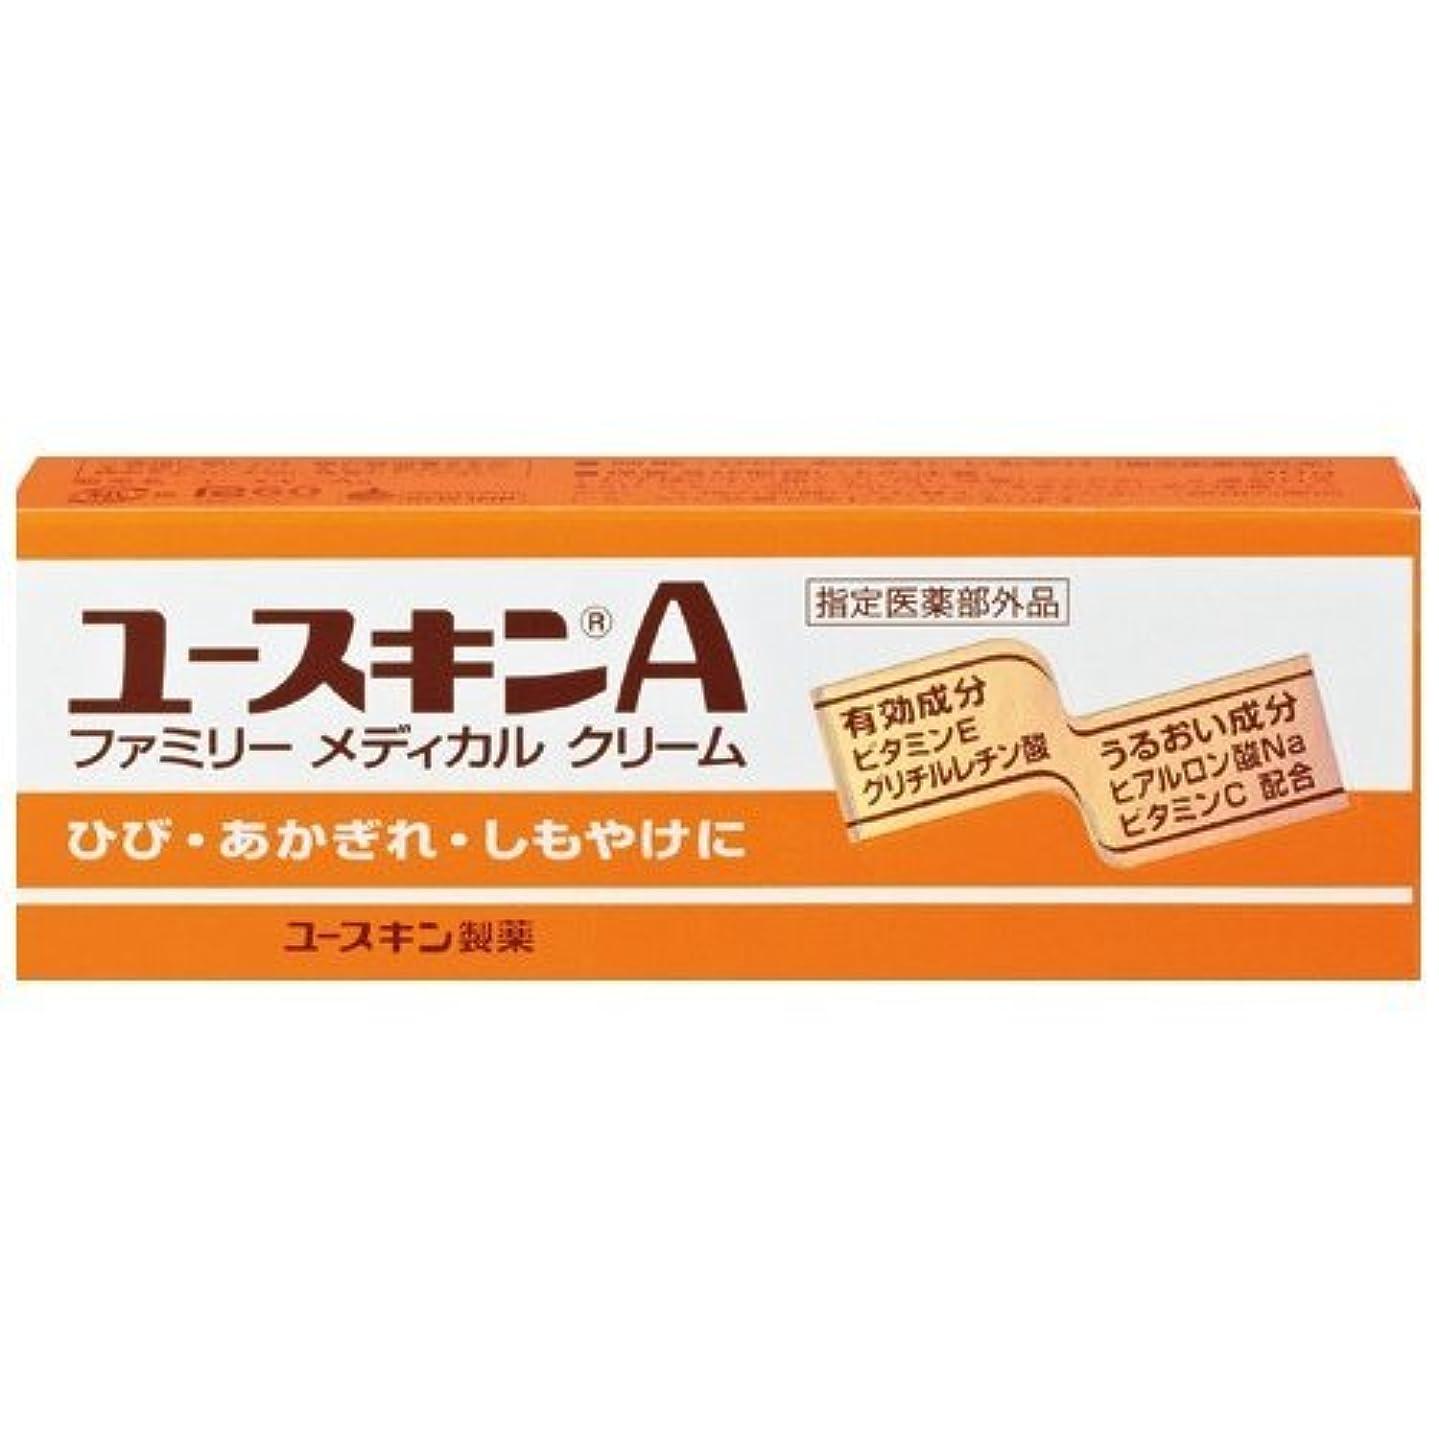 ユースキンA 30g (手荒れ かかと荒れ 保湿クリーム)【指定医薬部外品】